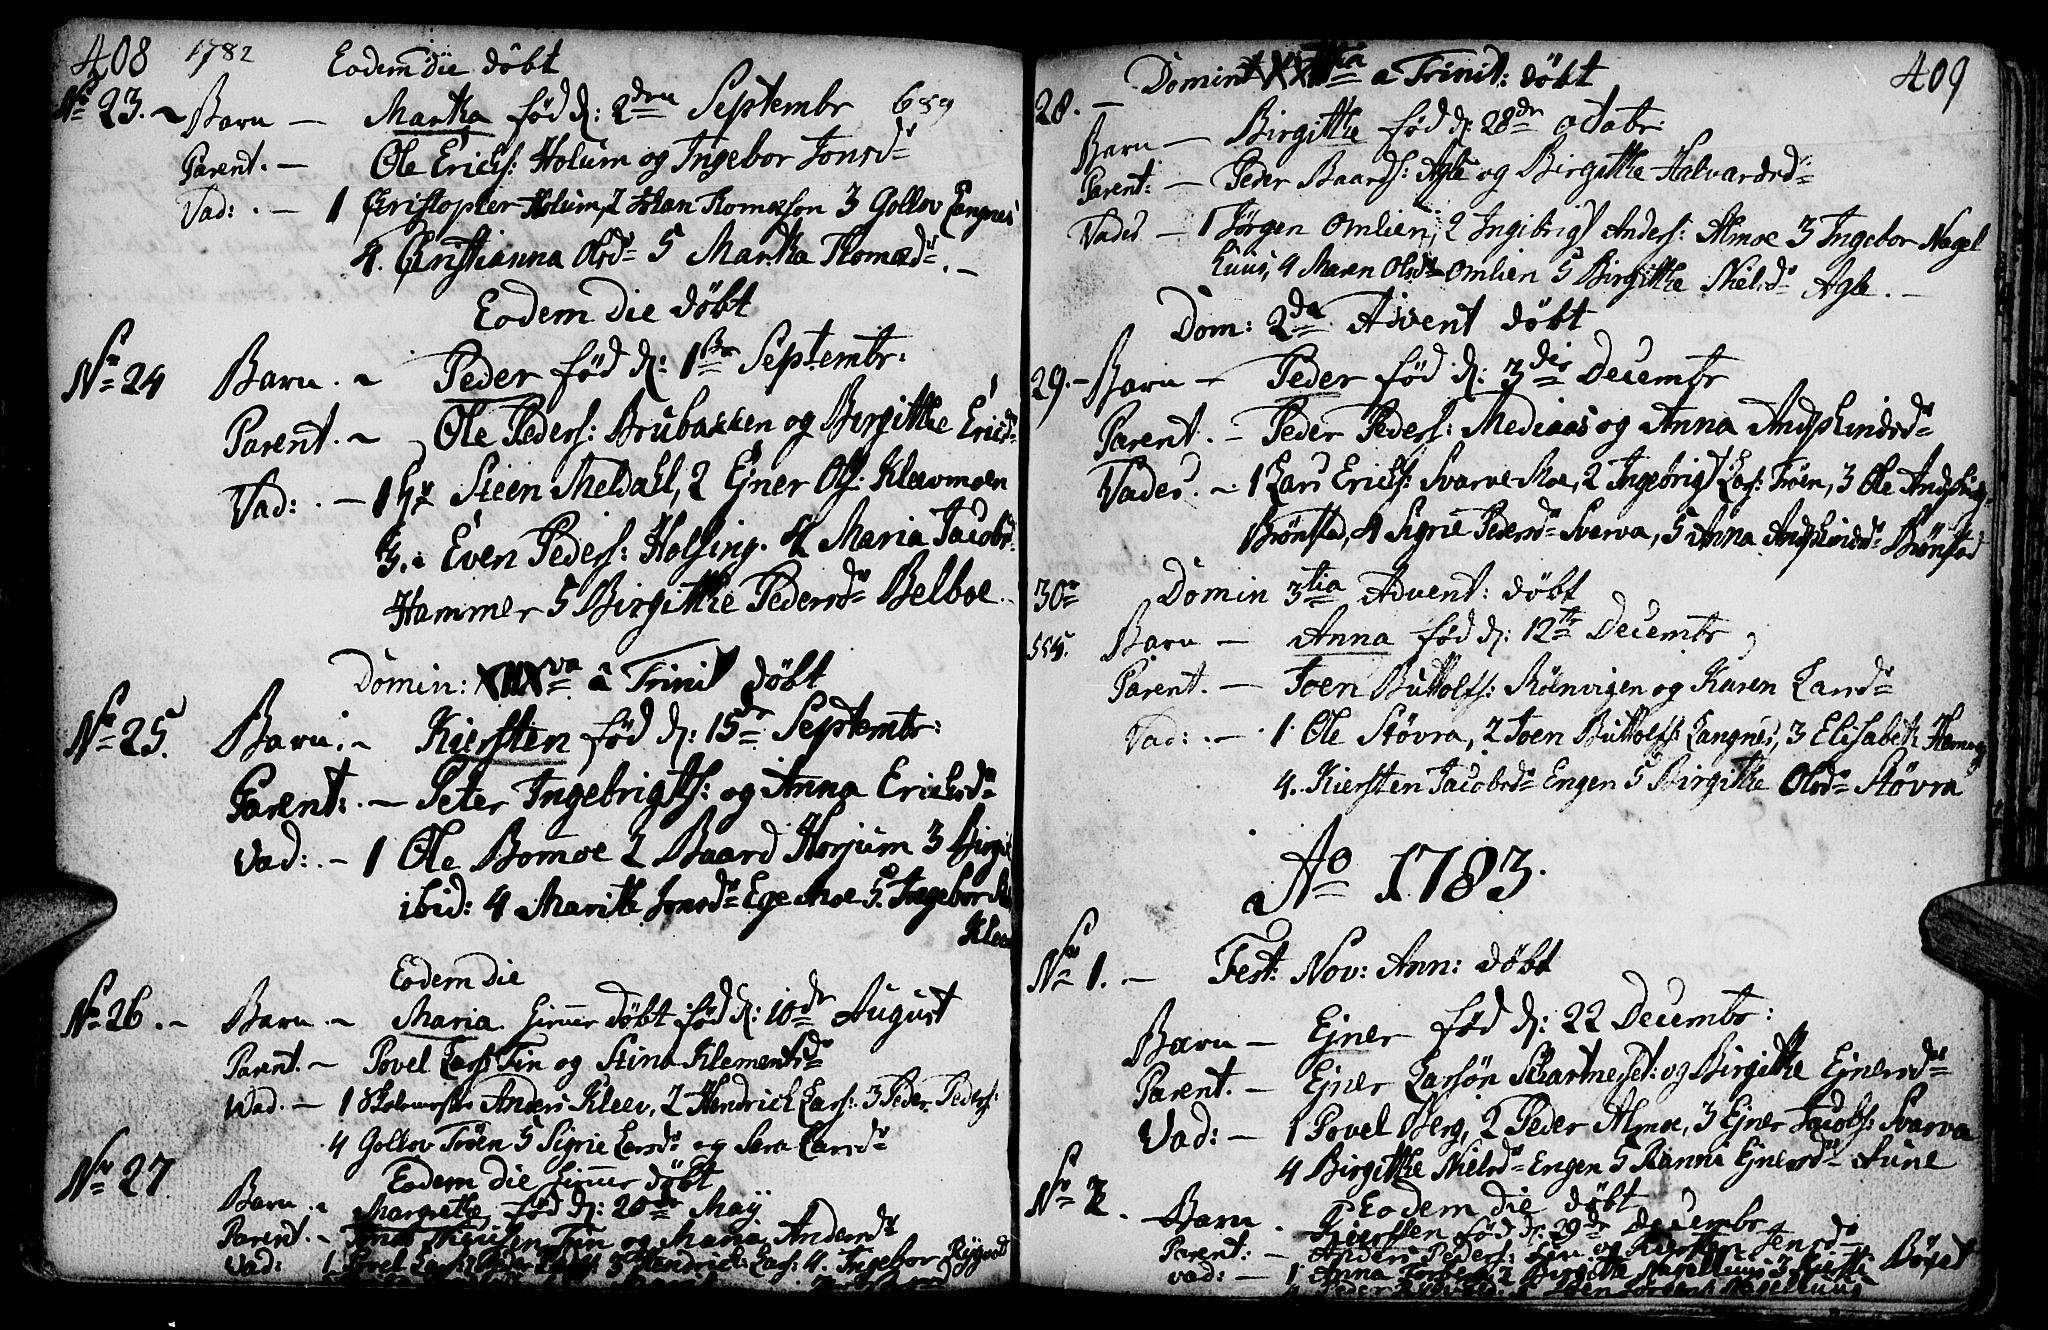 SAT, Ministerialprotokoller, klokkerbøker og fødselsregistre - Nord-Trøndelag, 749/L0467: Ministerialbok nr. 749A01, 1733-1787, s. 408-409